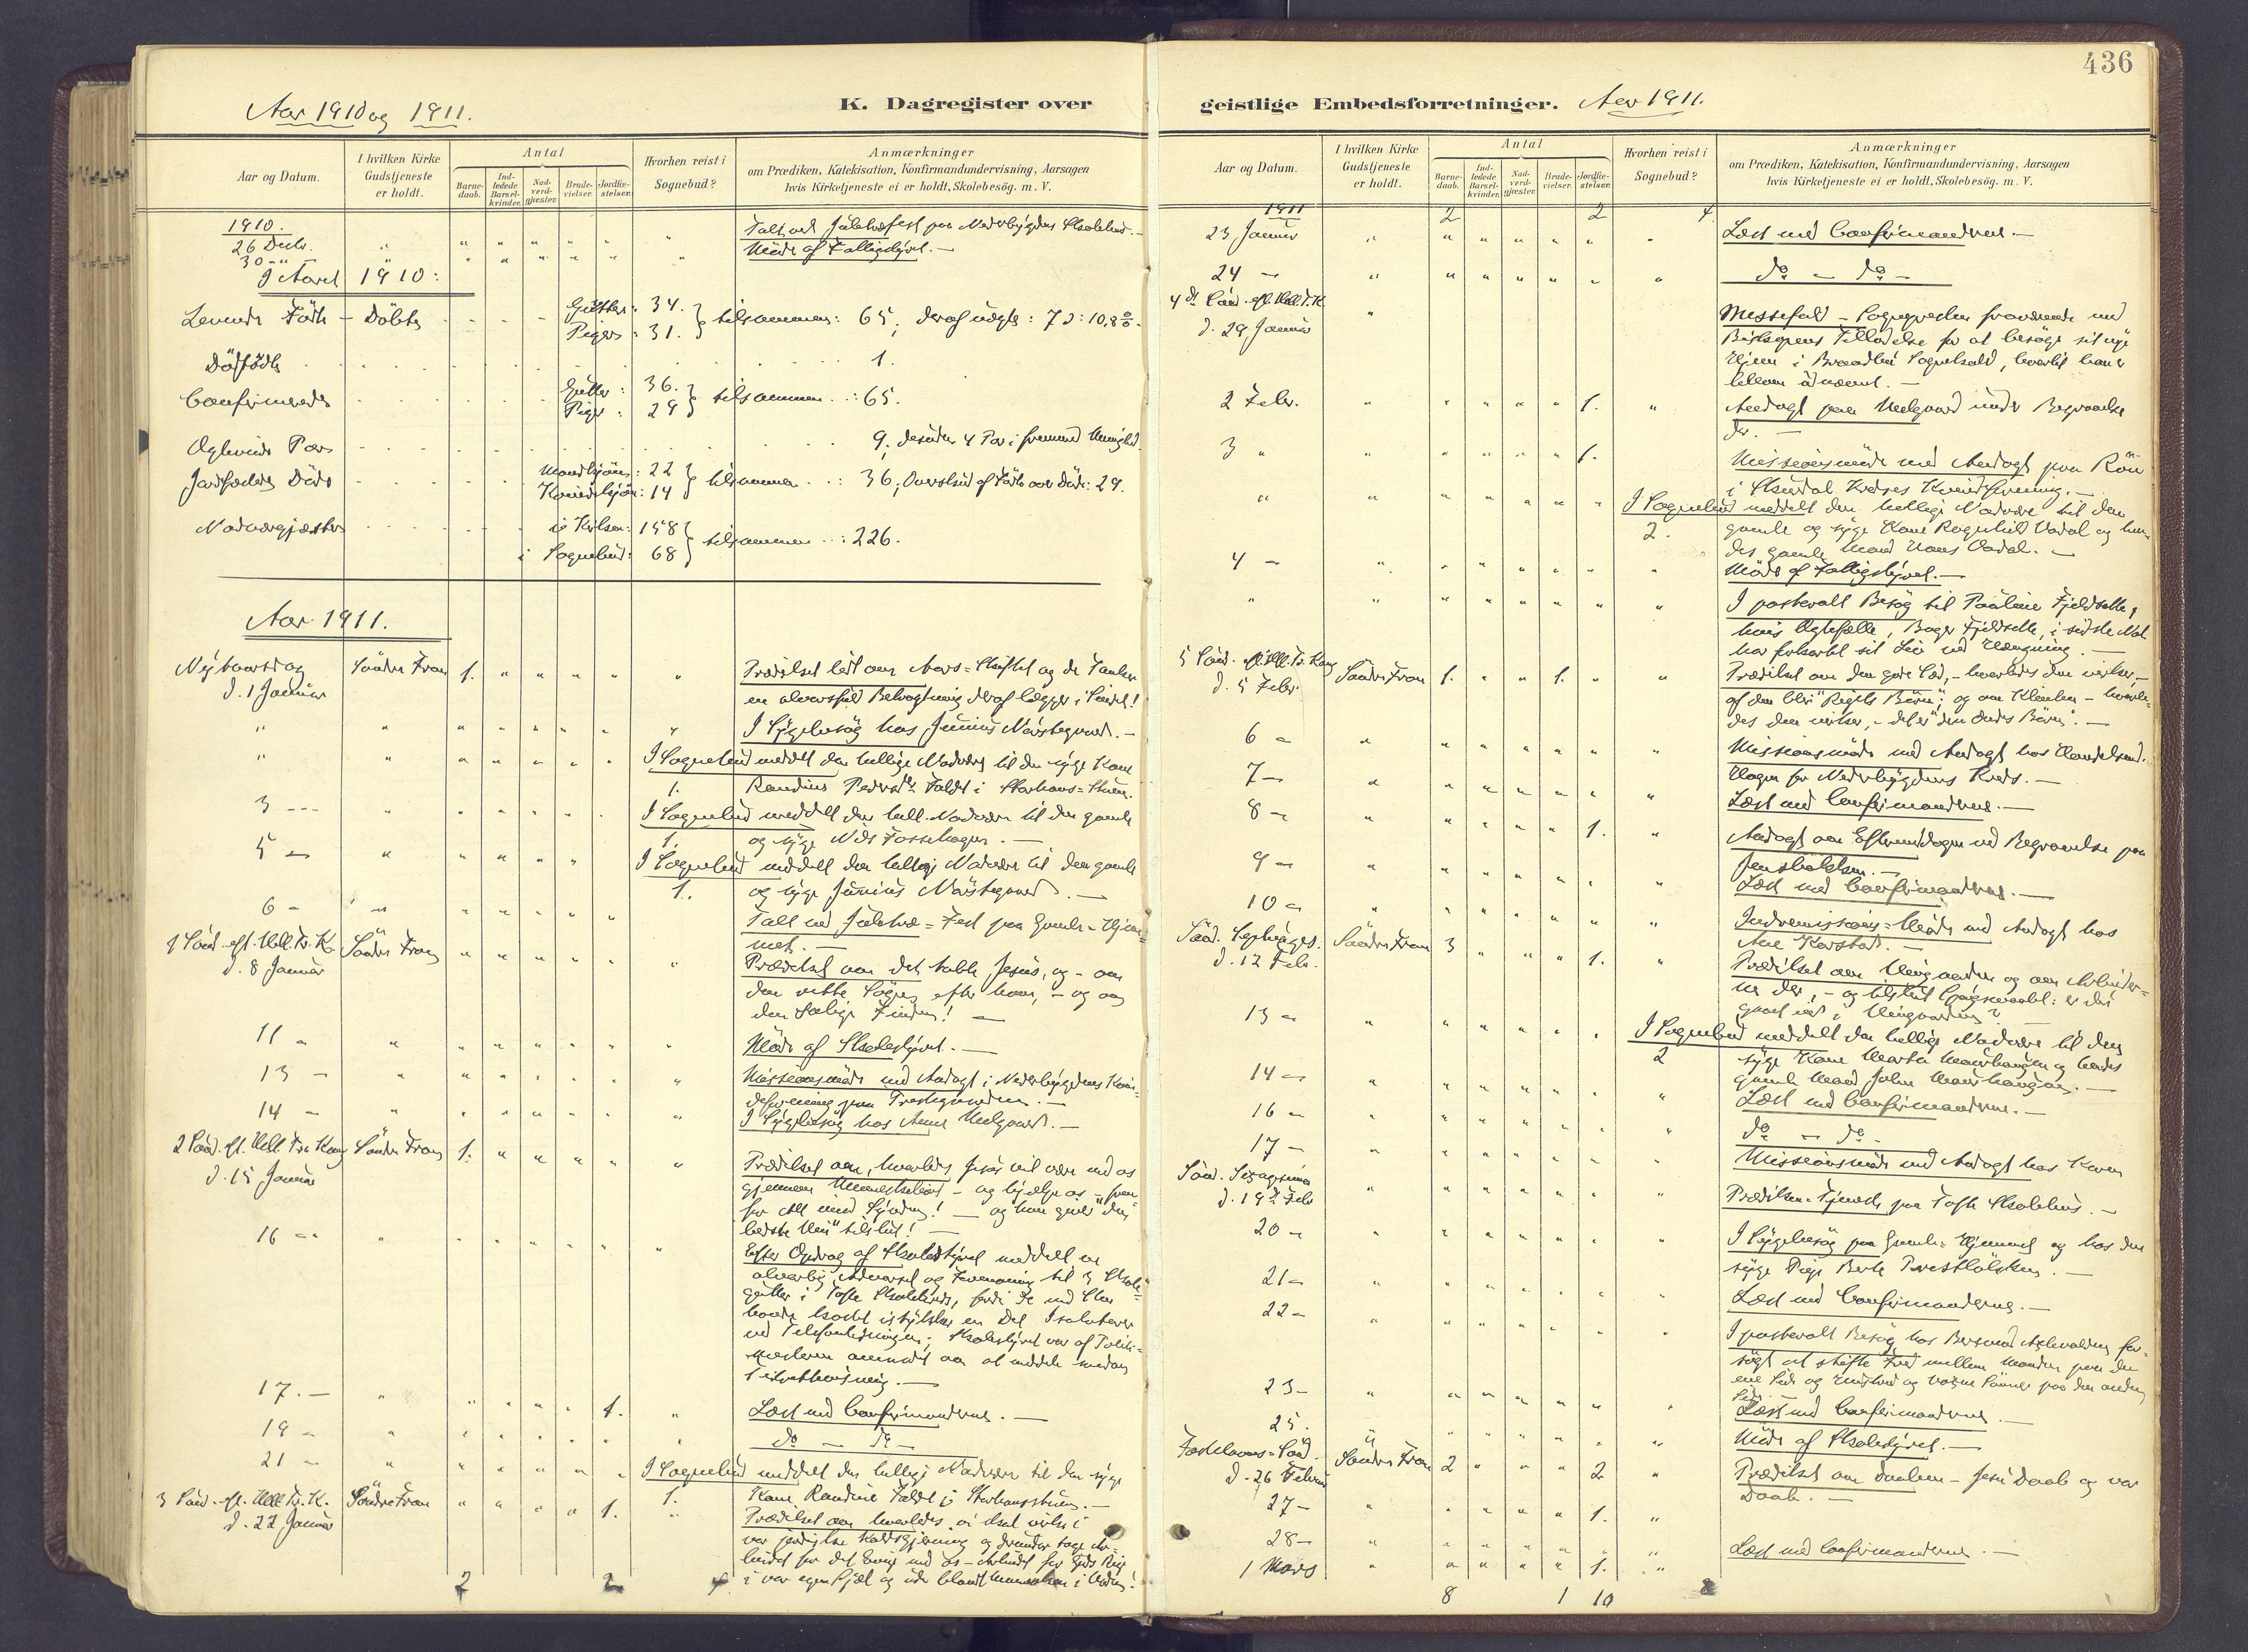 SAH, Sør-Fron prestekontor, H/Ha/Haa/L0004: Parish register (official) no. 4, 1898-1919, p. 436